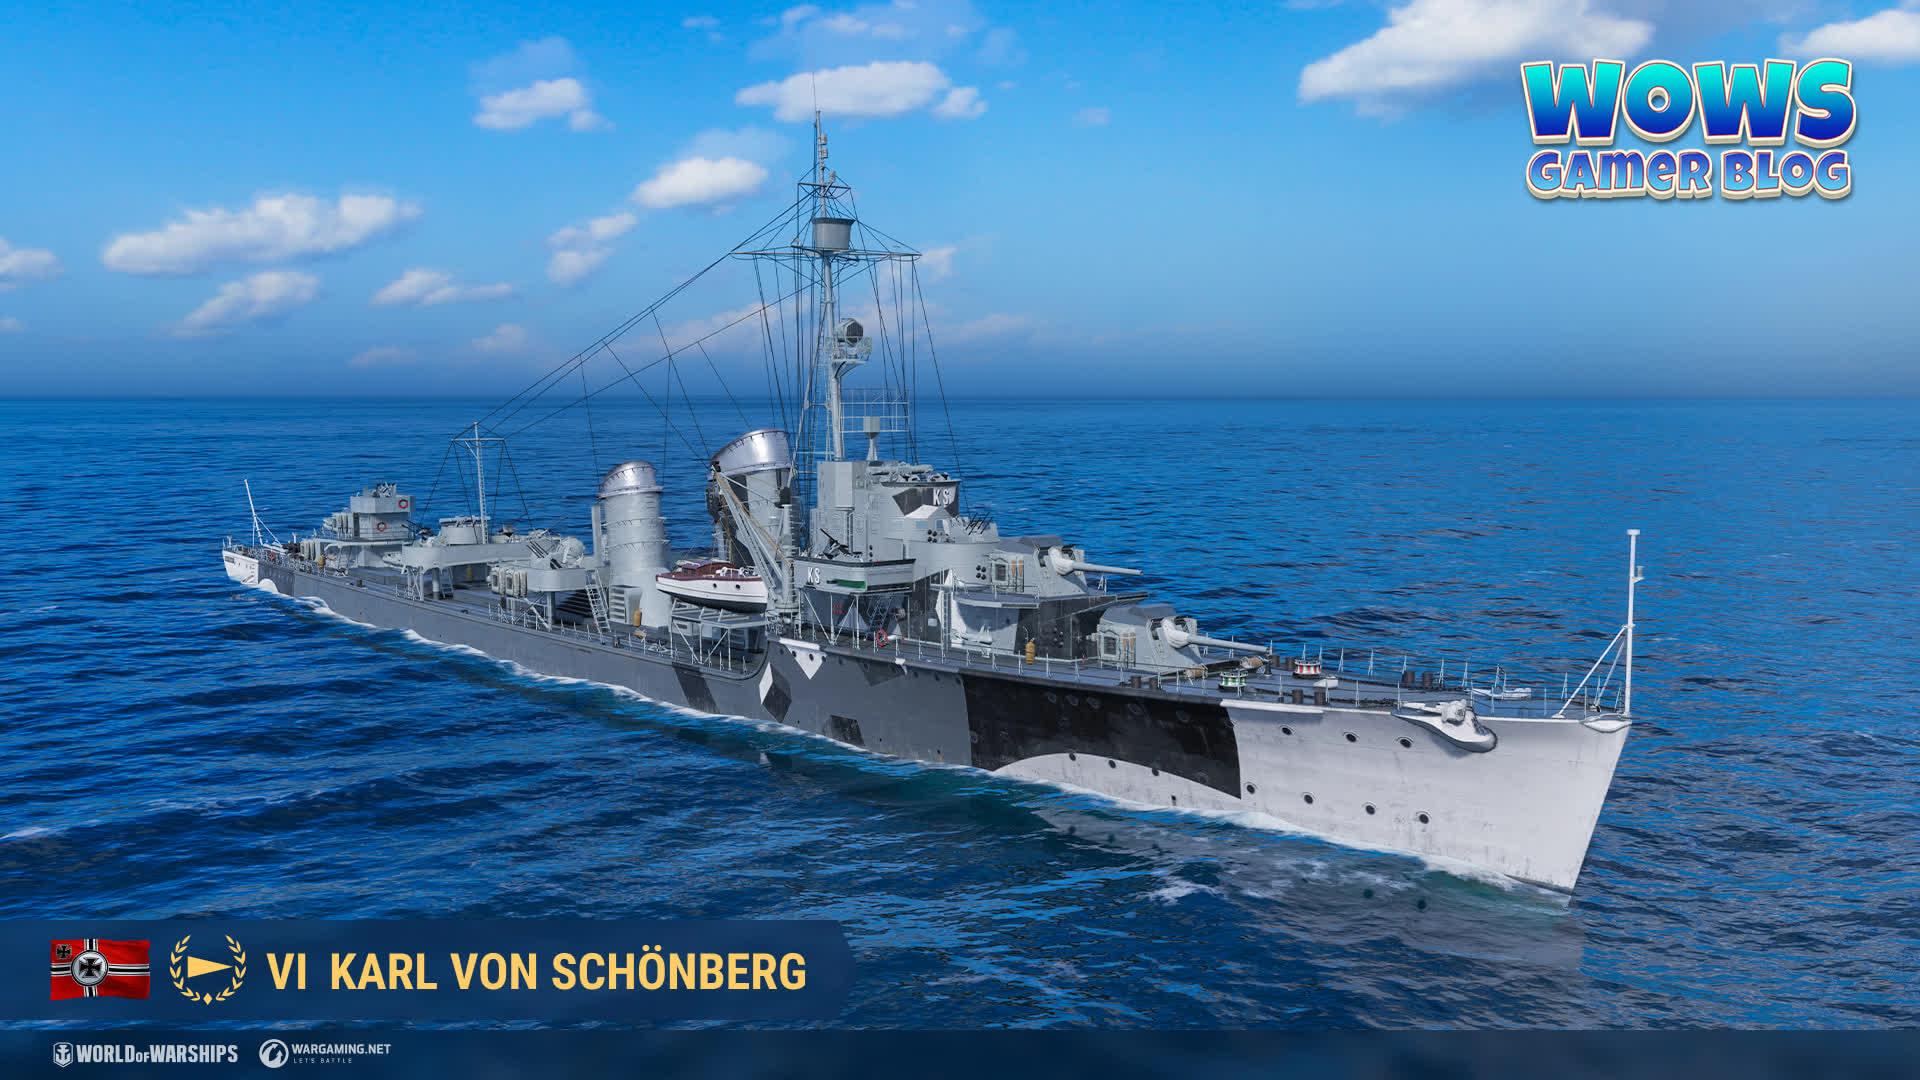 Karl von Schönberg